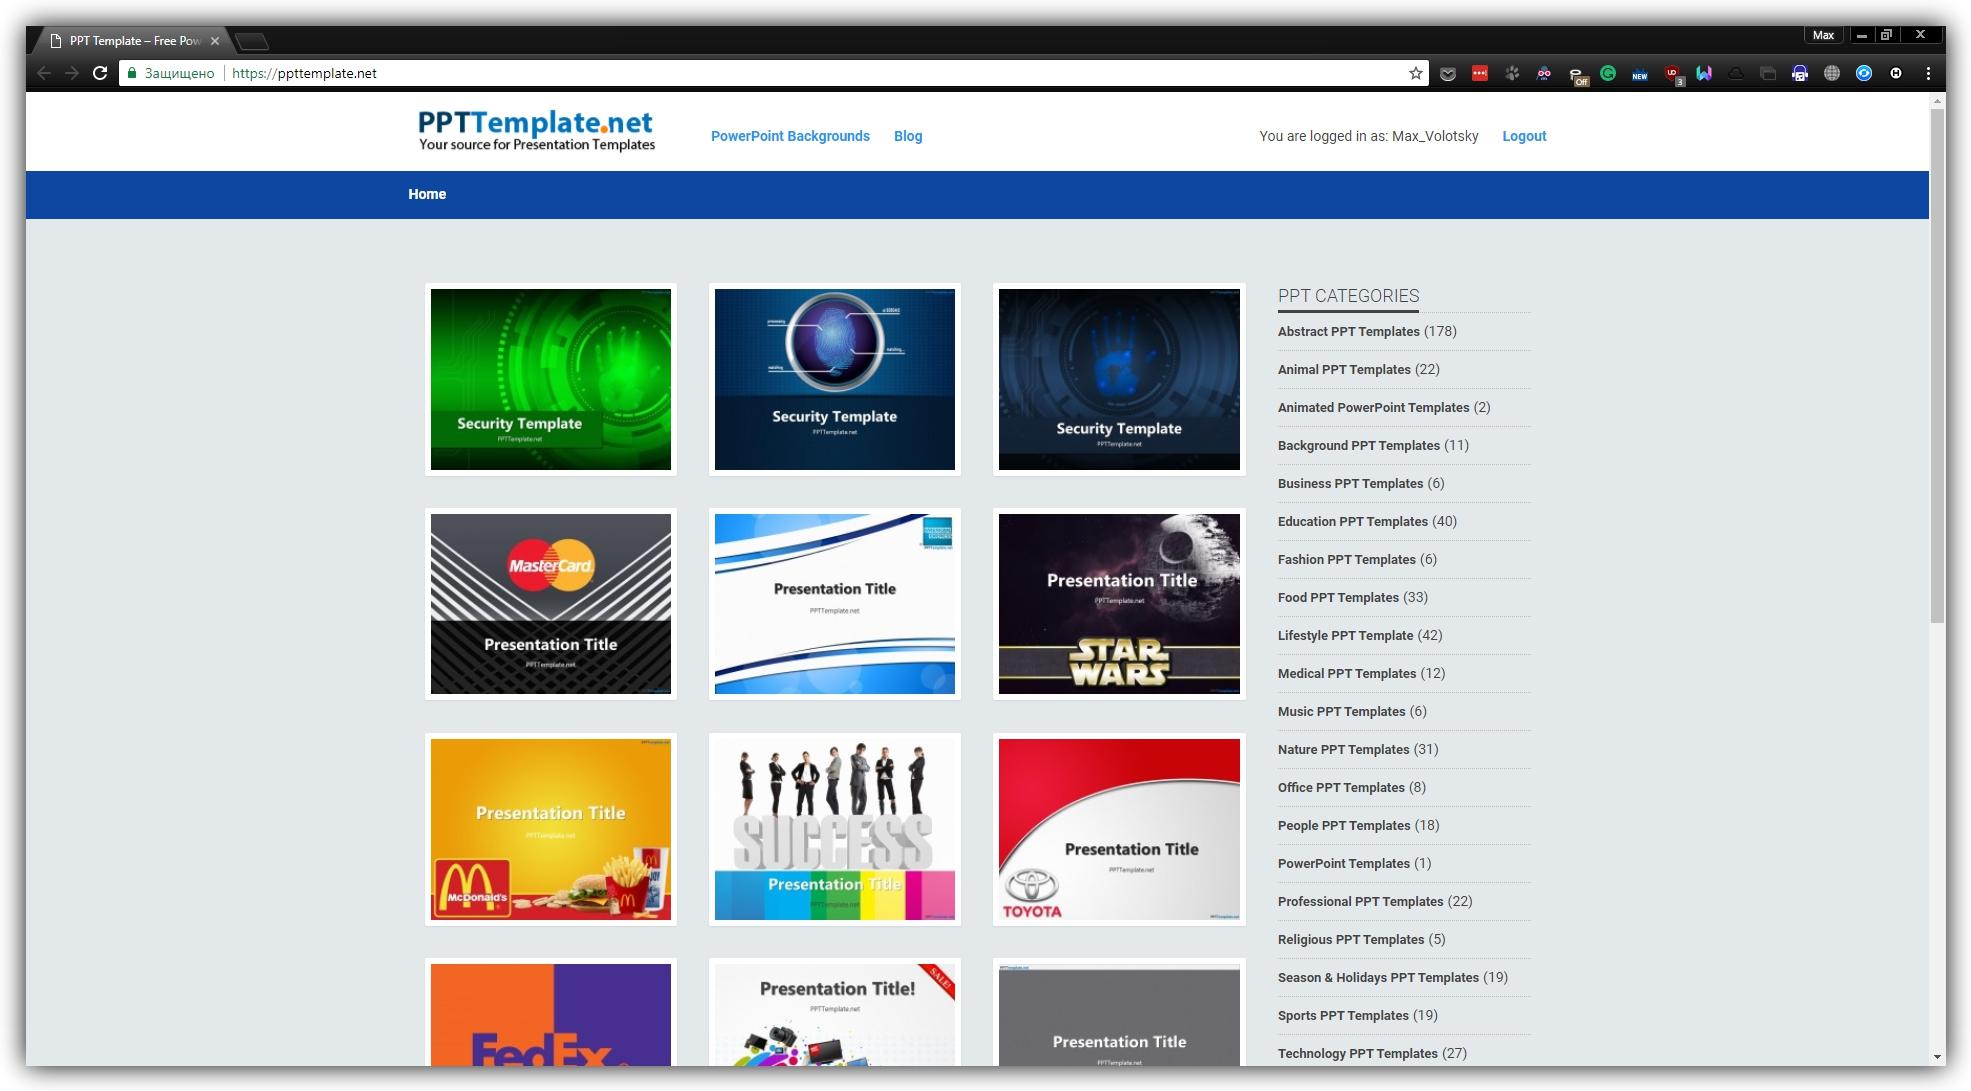 на PPT Template можно скачать бесплатные шаблоны презентаций